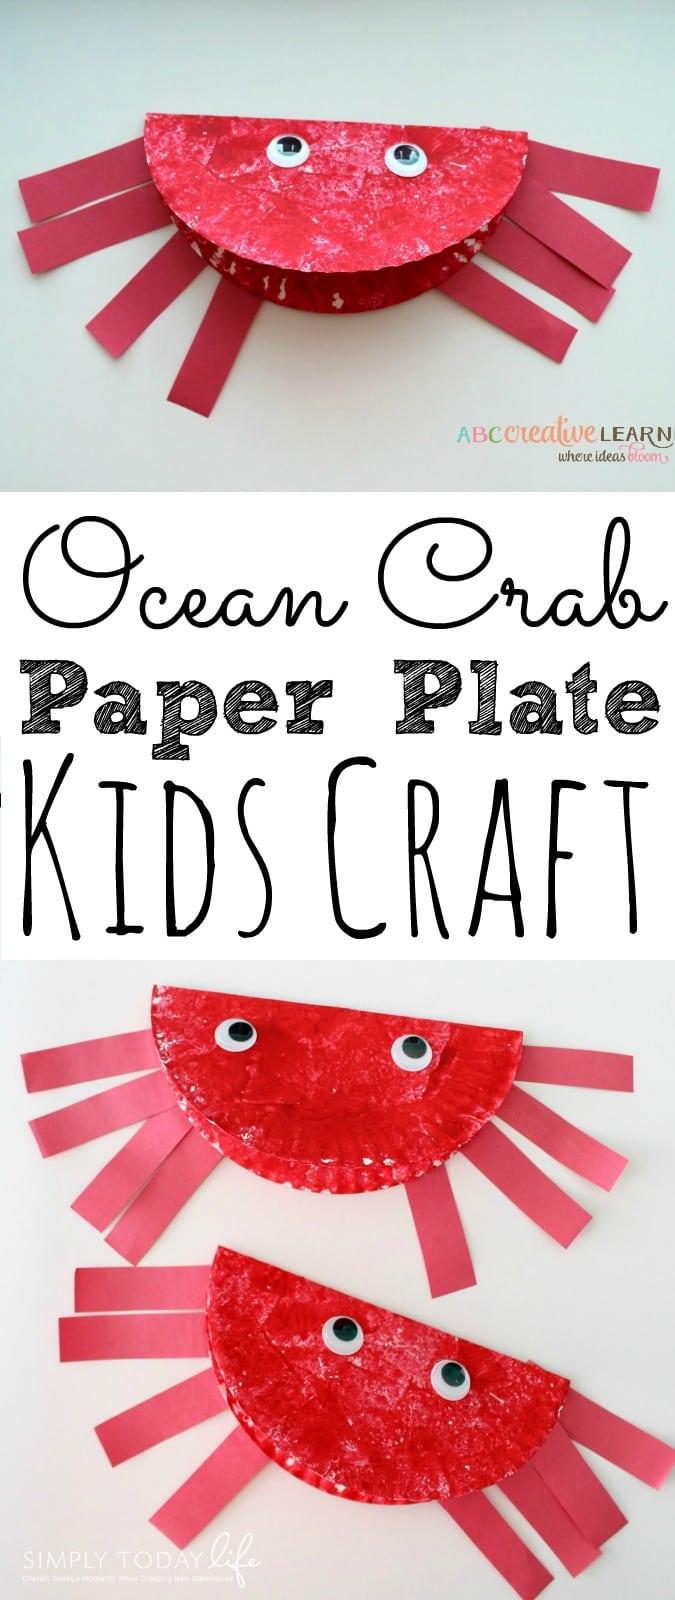 Paper Plate Ocean Crab Craft